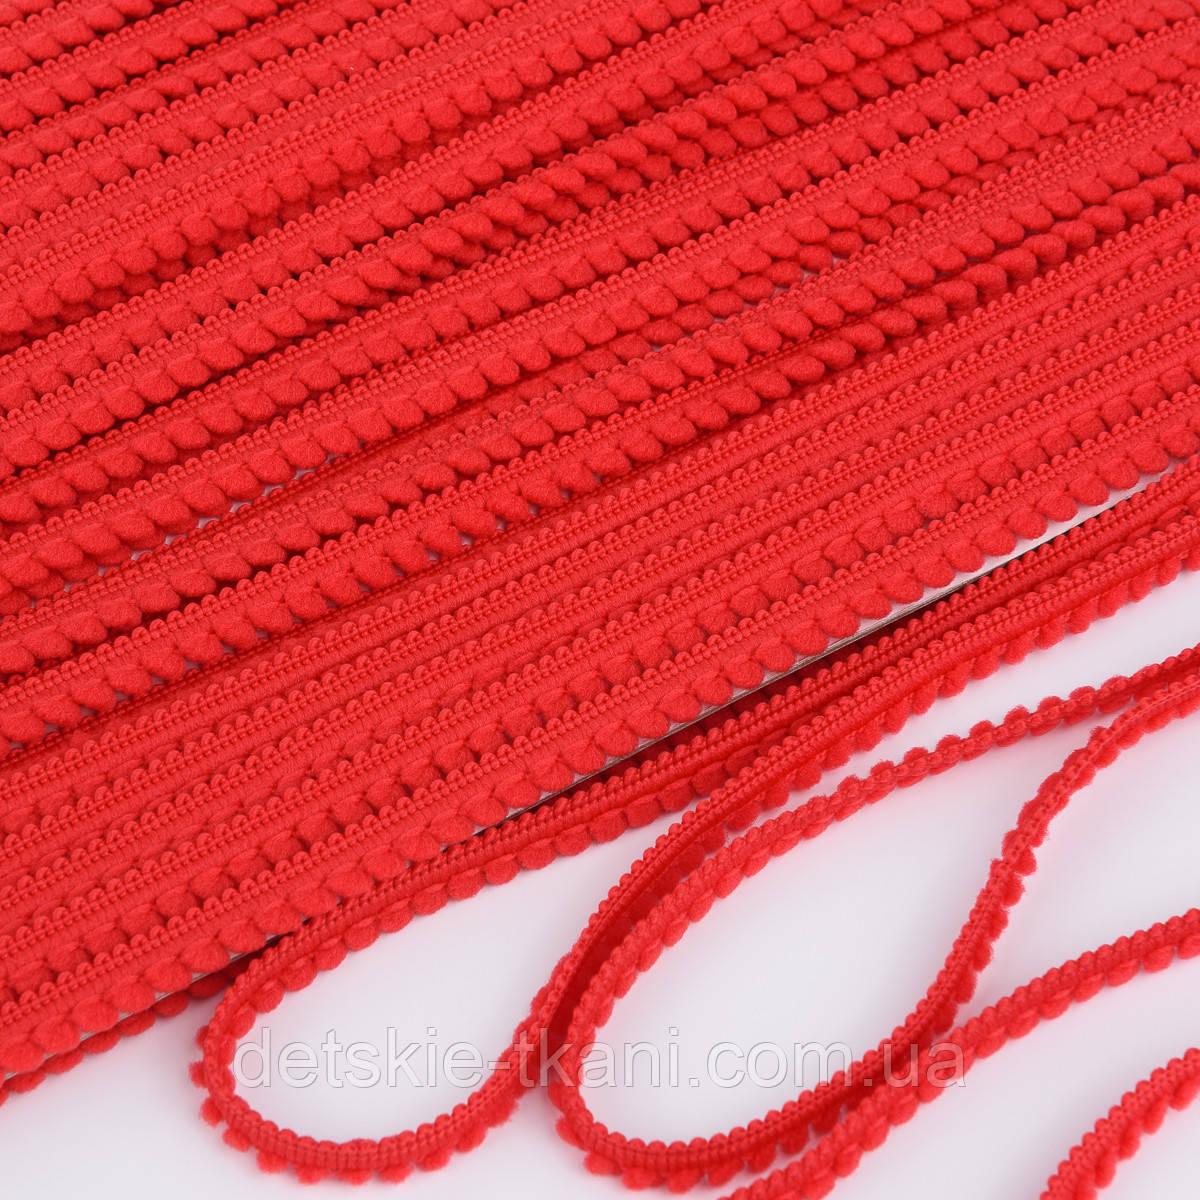 Тесьма с мини-помпонами 5 мм красного цвета (Польша)